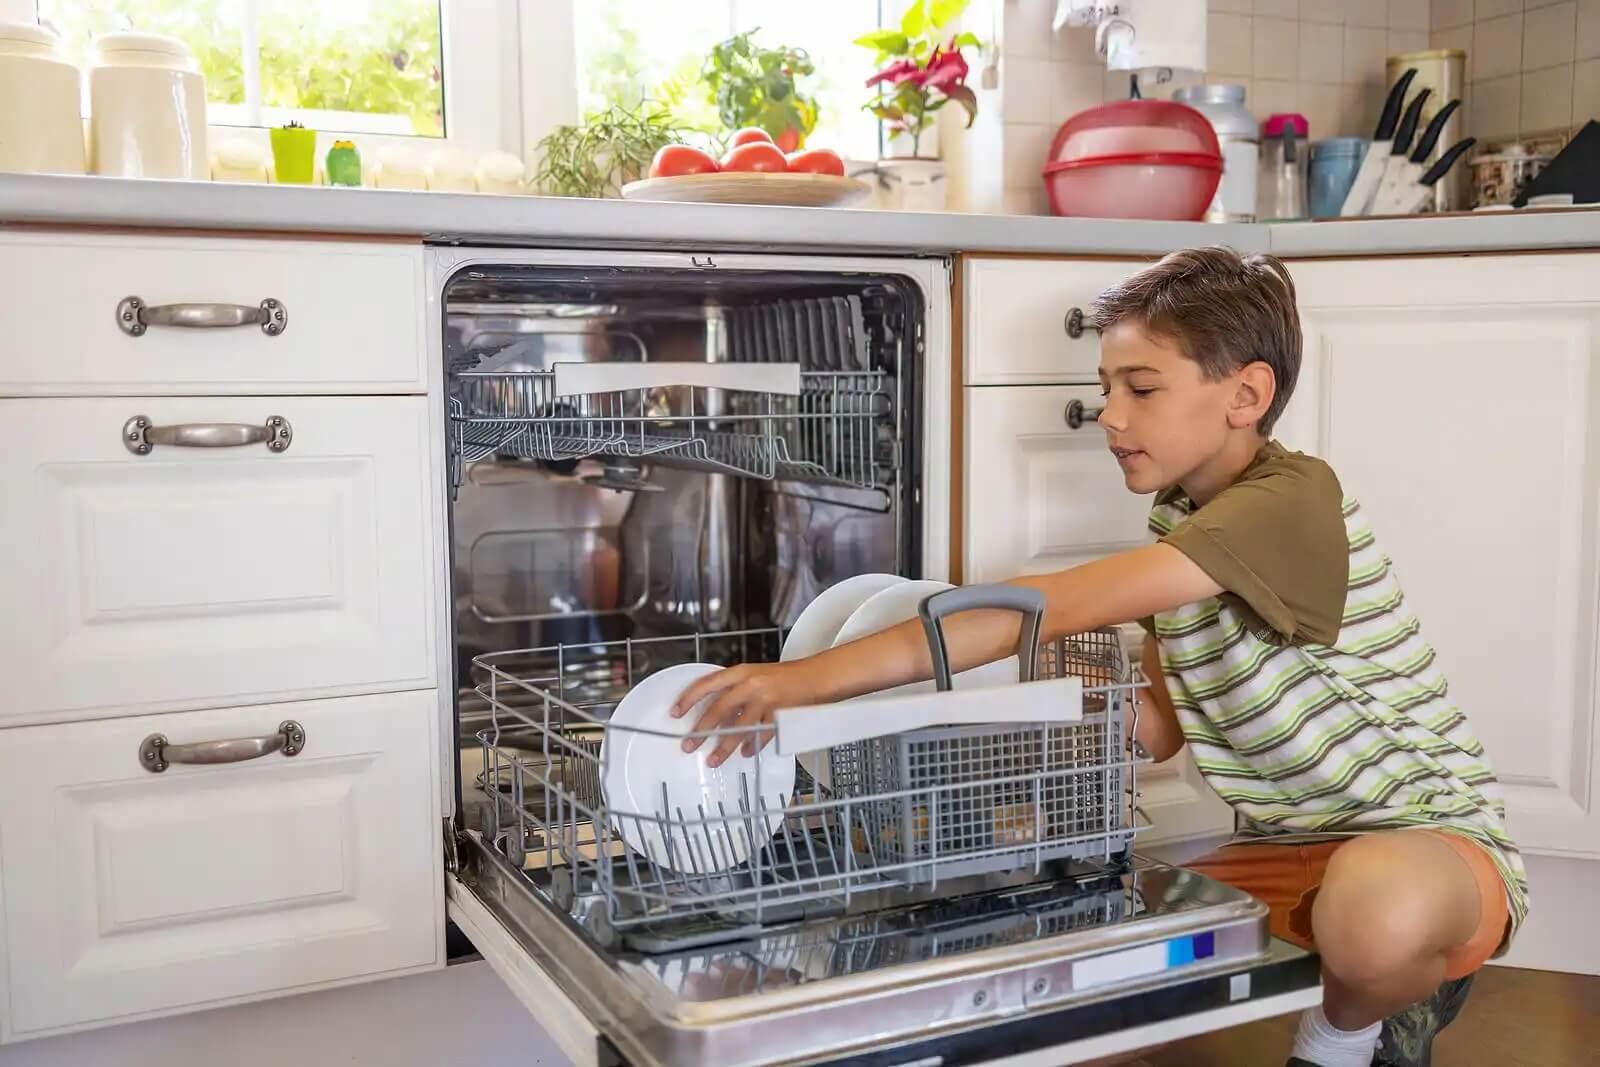 Boy dishwasher.